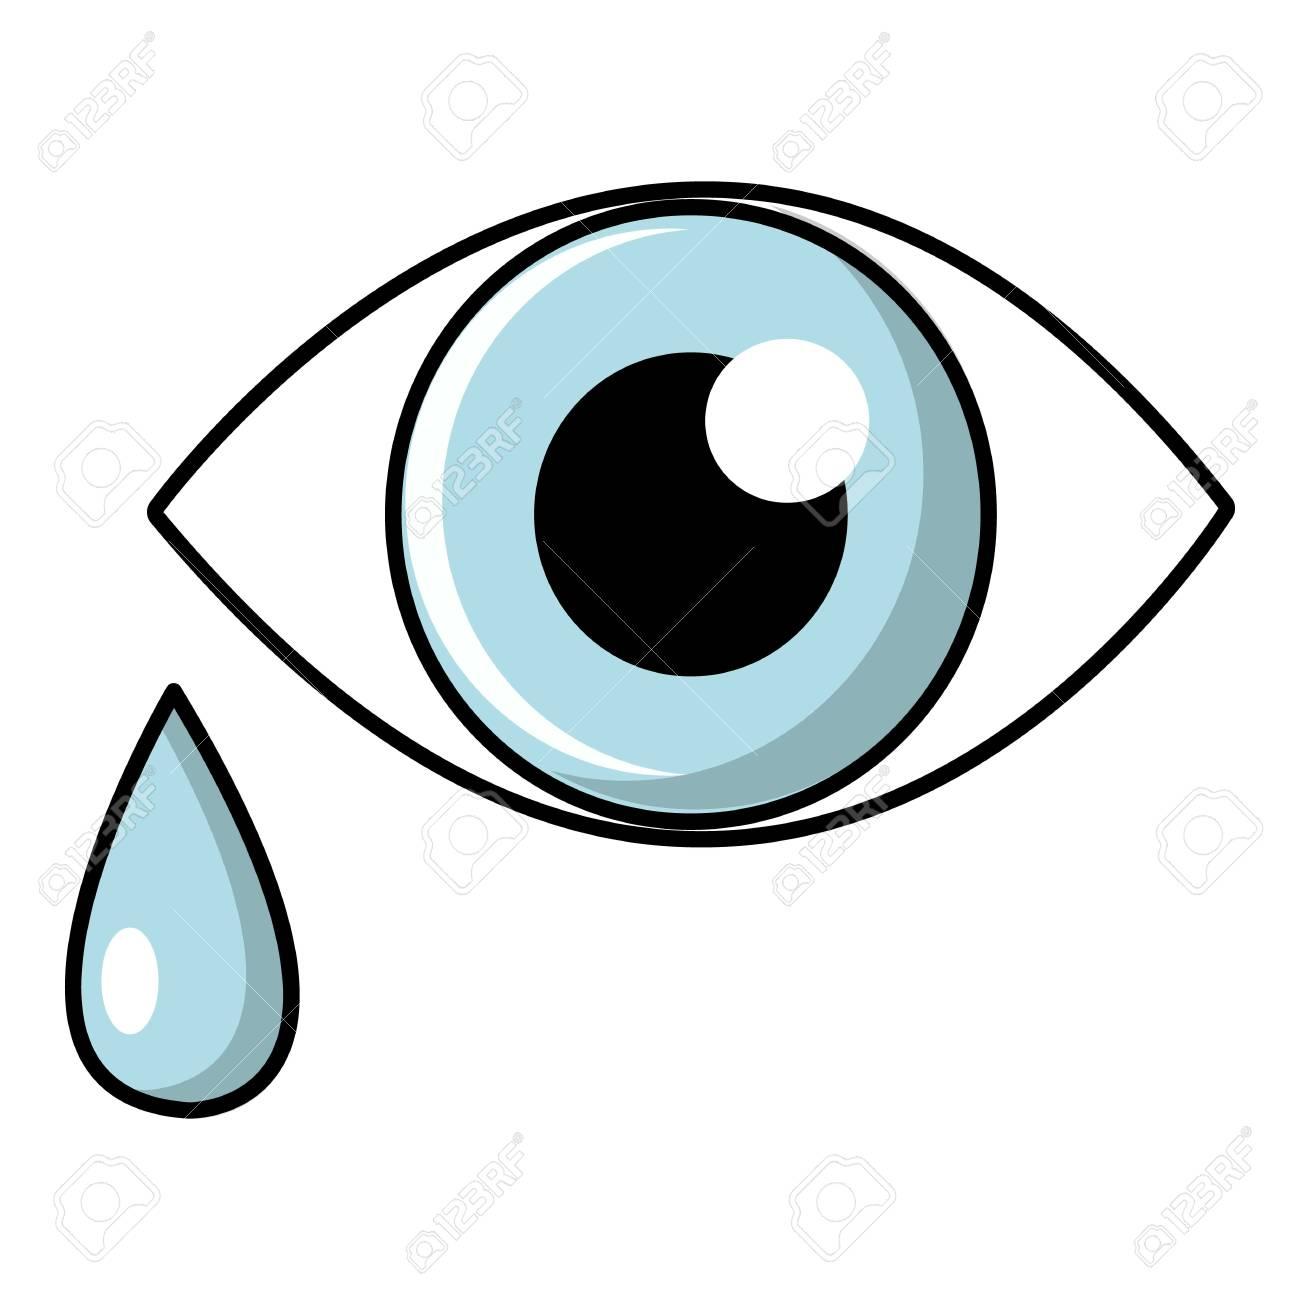 Icono De Ojo Llorando Ilustración De Dibujos Animados De Ojos